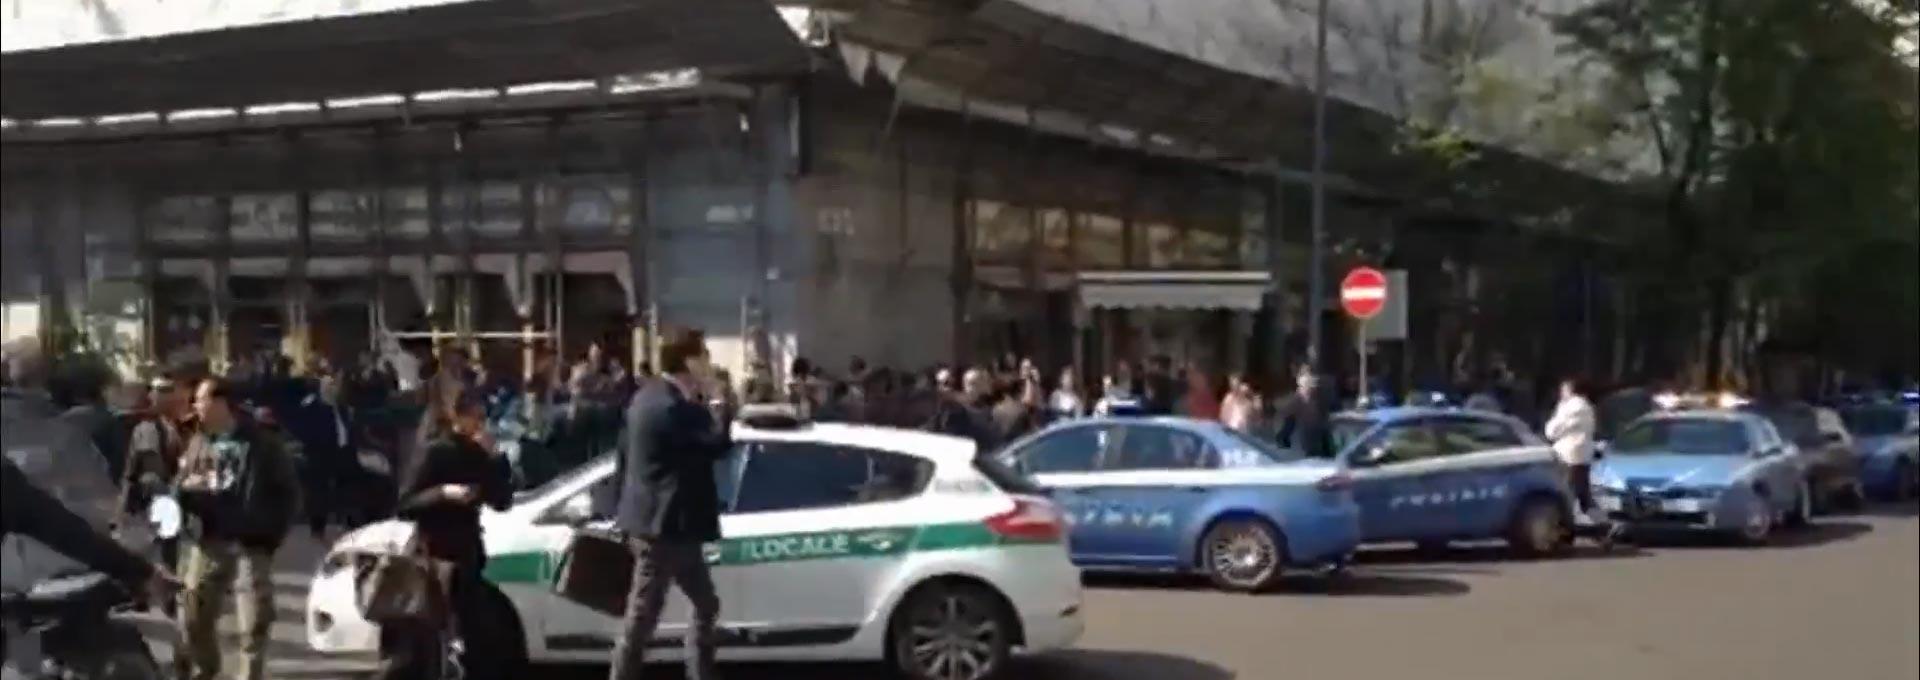 PUCNJAVA U MILANU U Palači pravde ubijene tri osobe, napadač uhićen